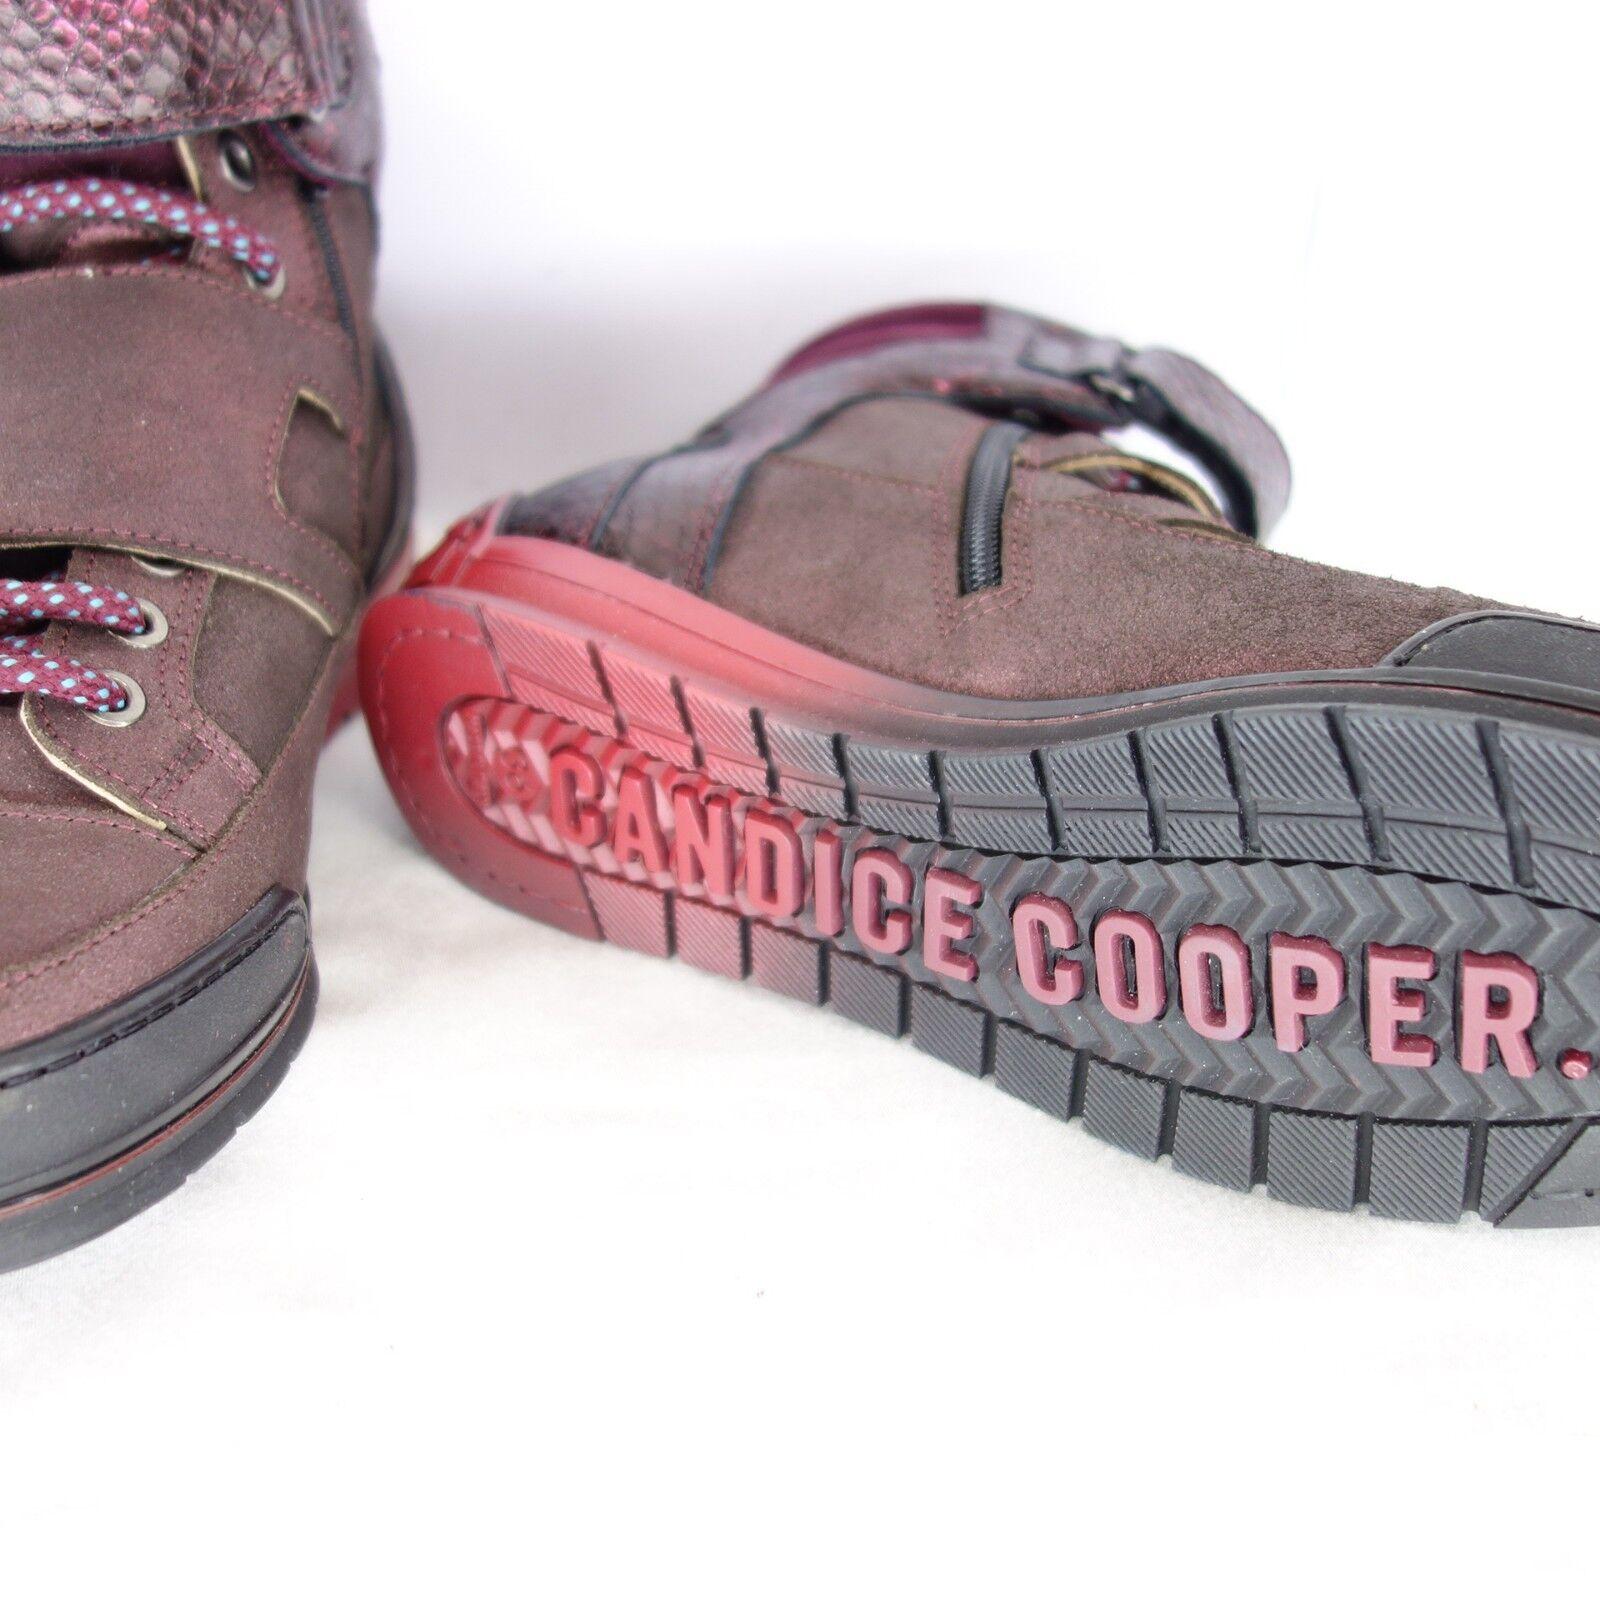 CANDICE CANDICE CANDICE COOPER Damen Turnschuhe Schuhe Rot Gr 36 Rot Leder High Top NP 189 NEU  | Reichhaltiges Design  359fcf